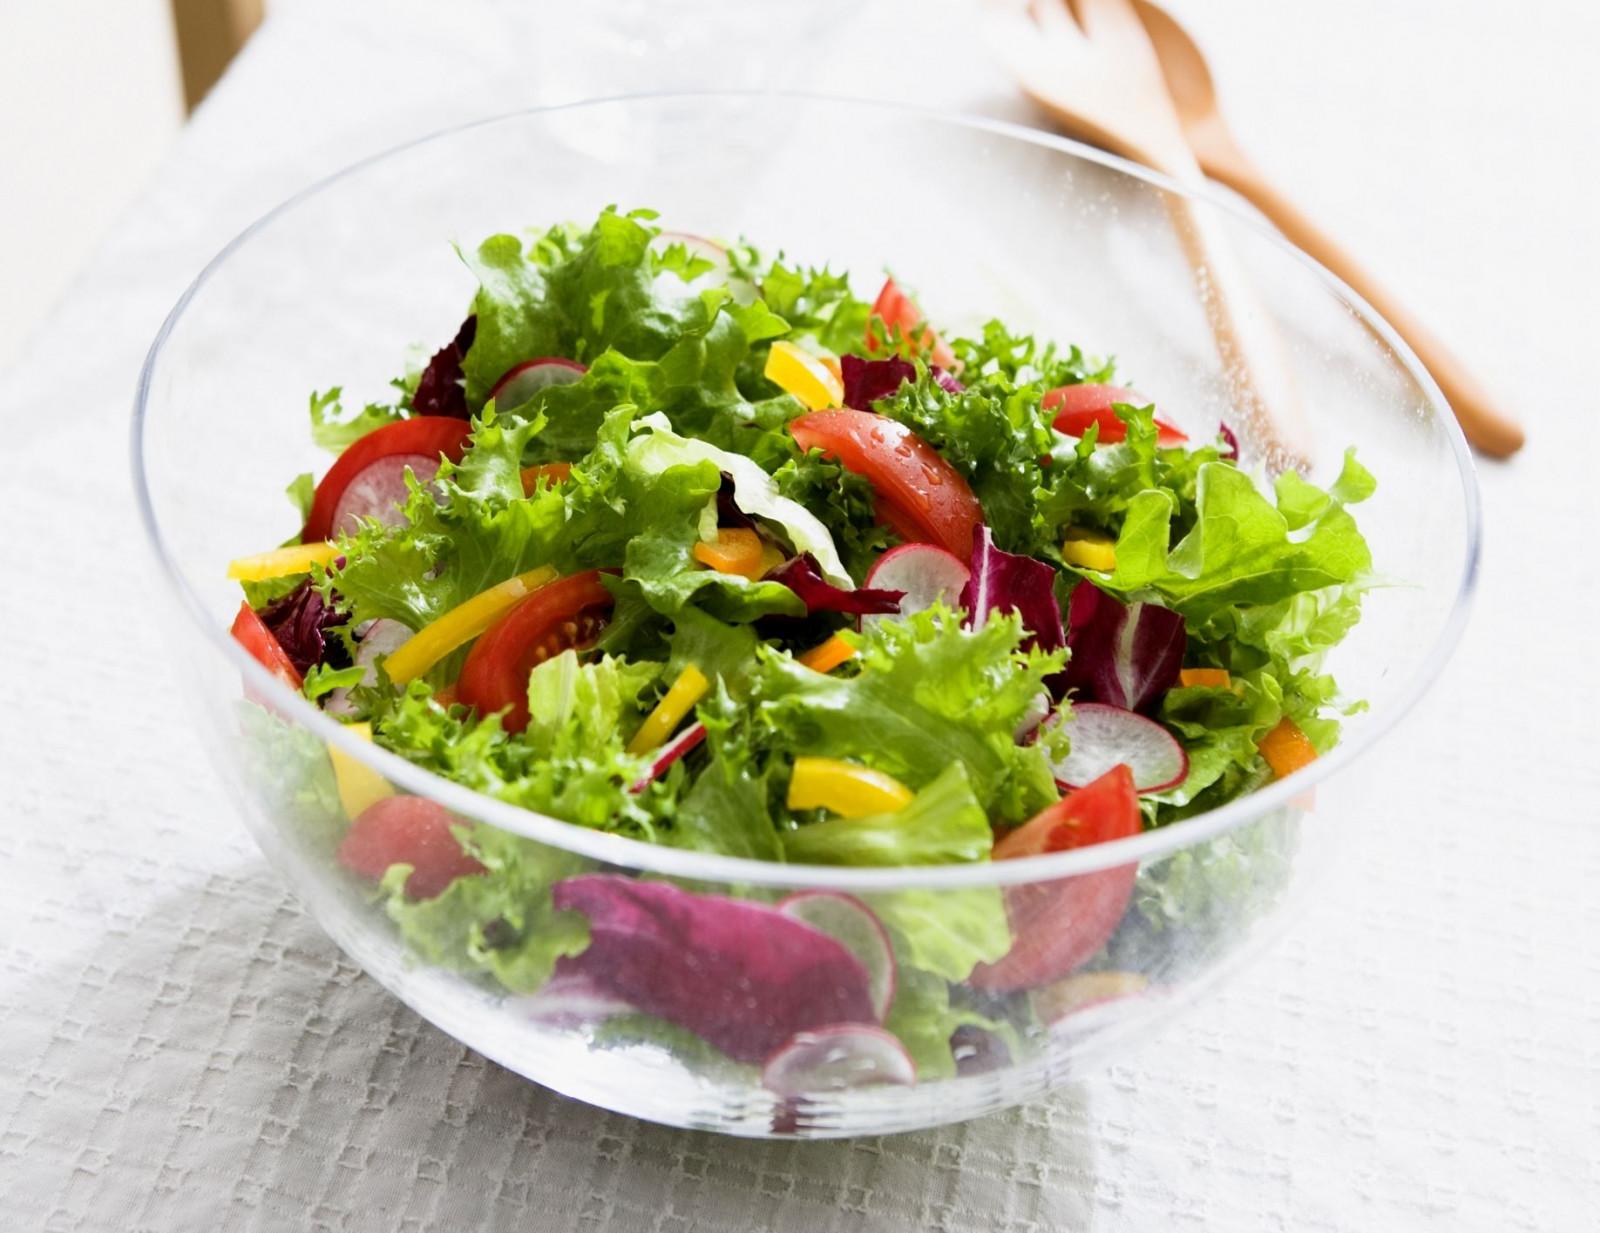 Картинки салатов из сырых овощей, новому году